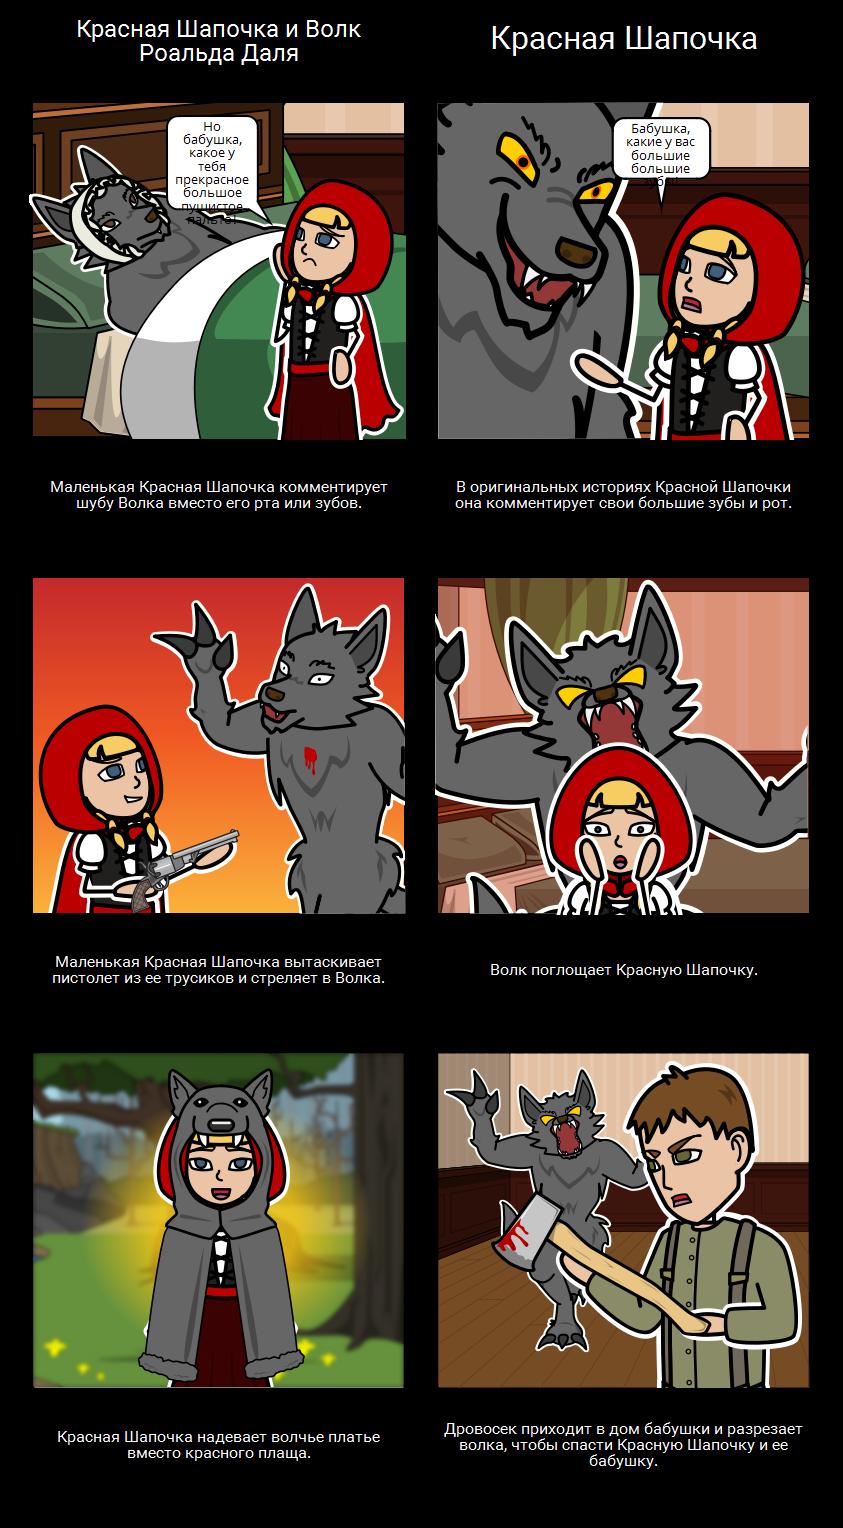 Красная Шапочка и Волк - Сравнить / Контрастность